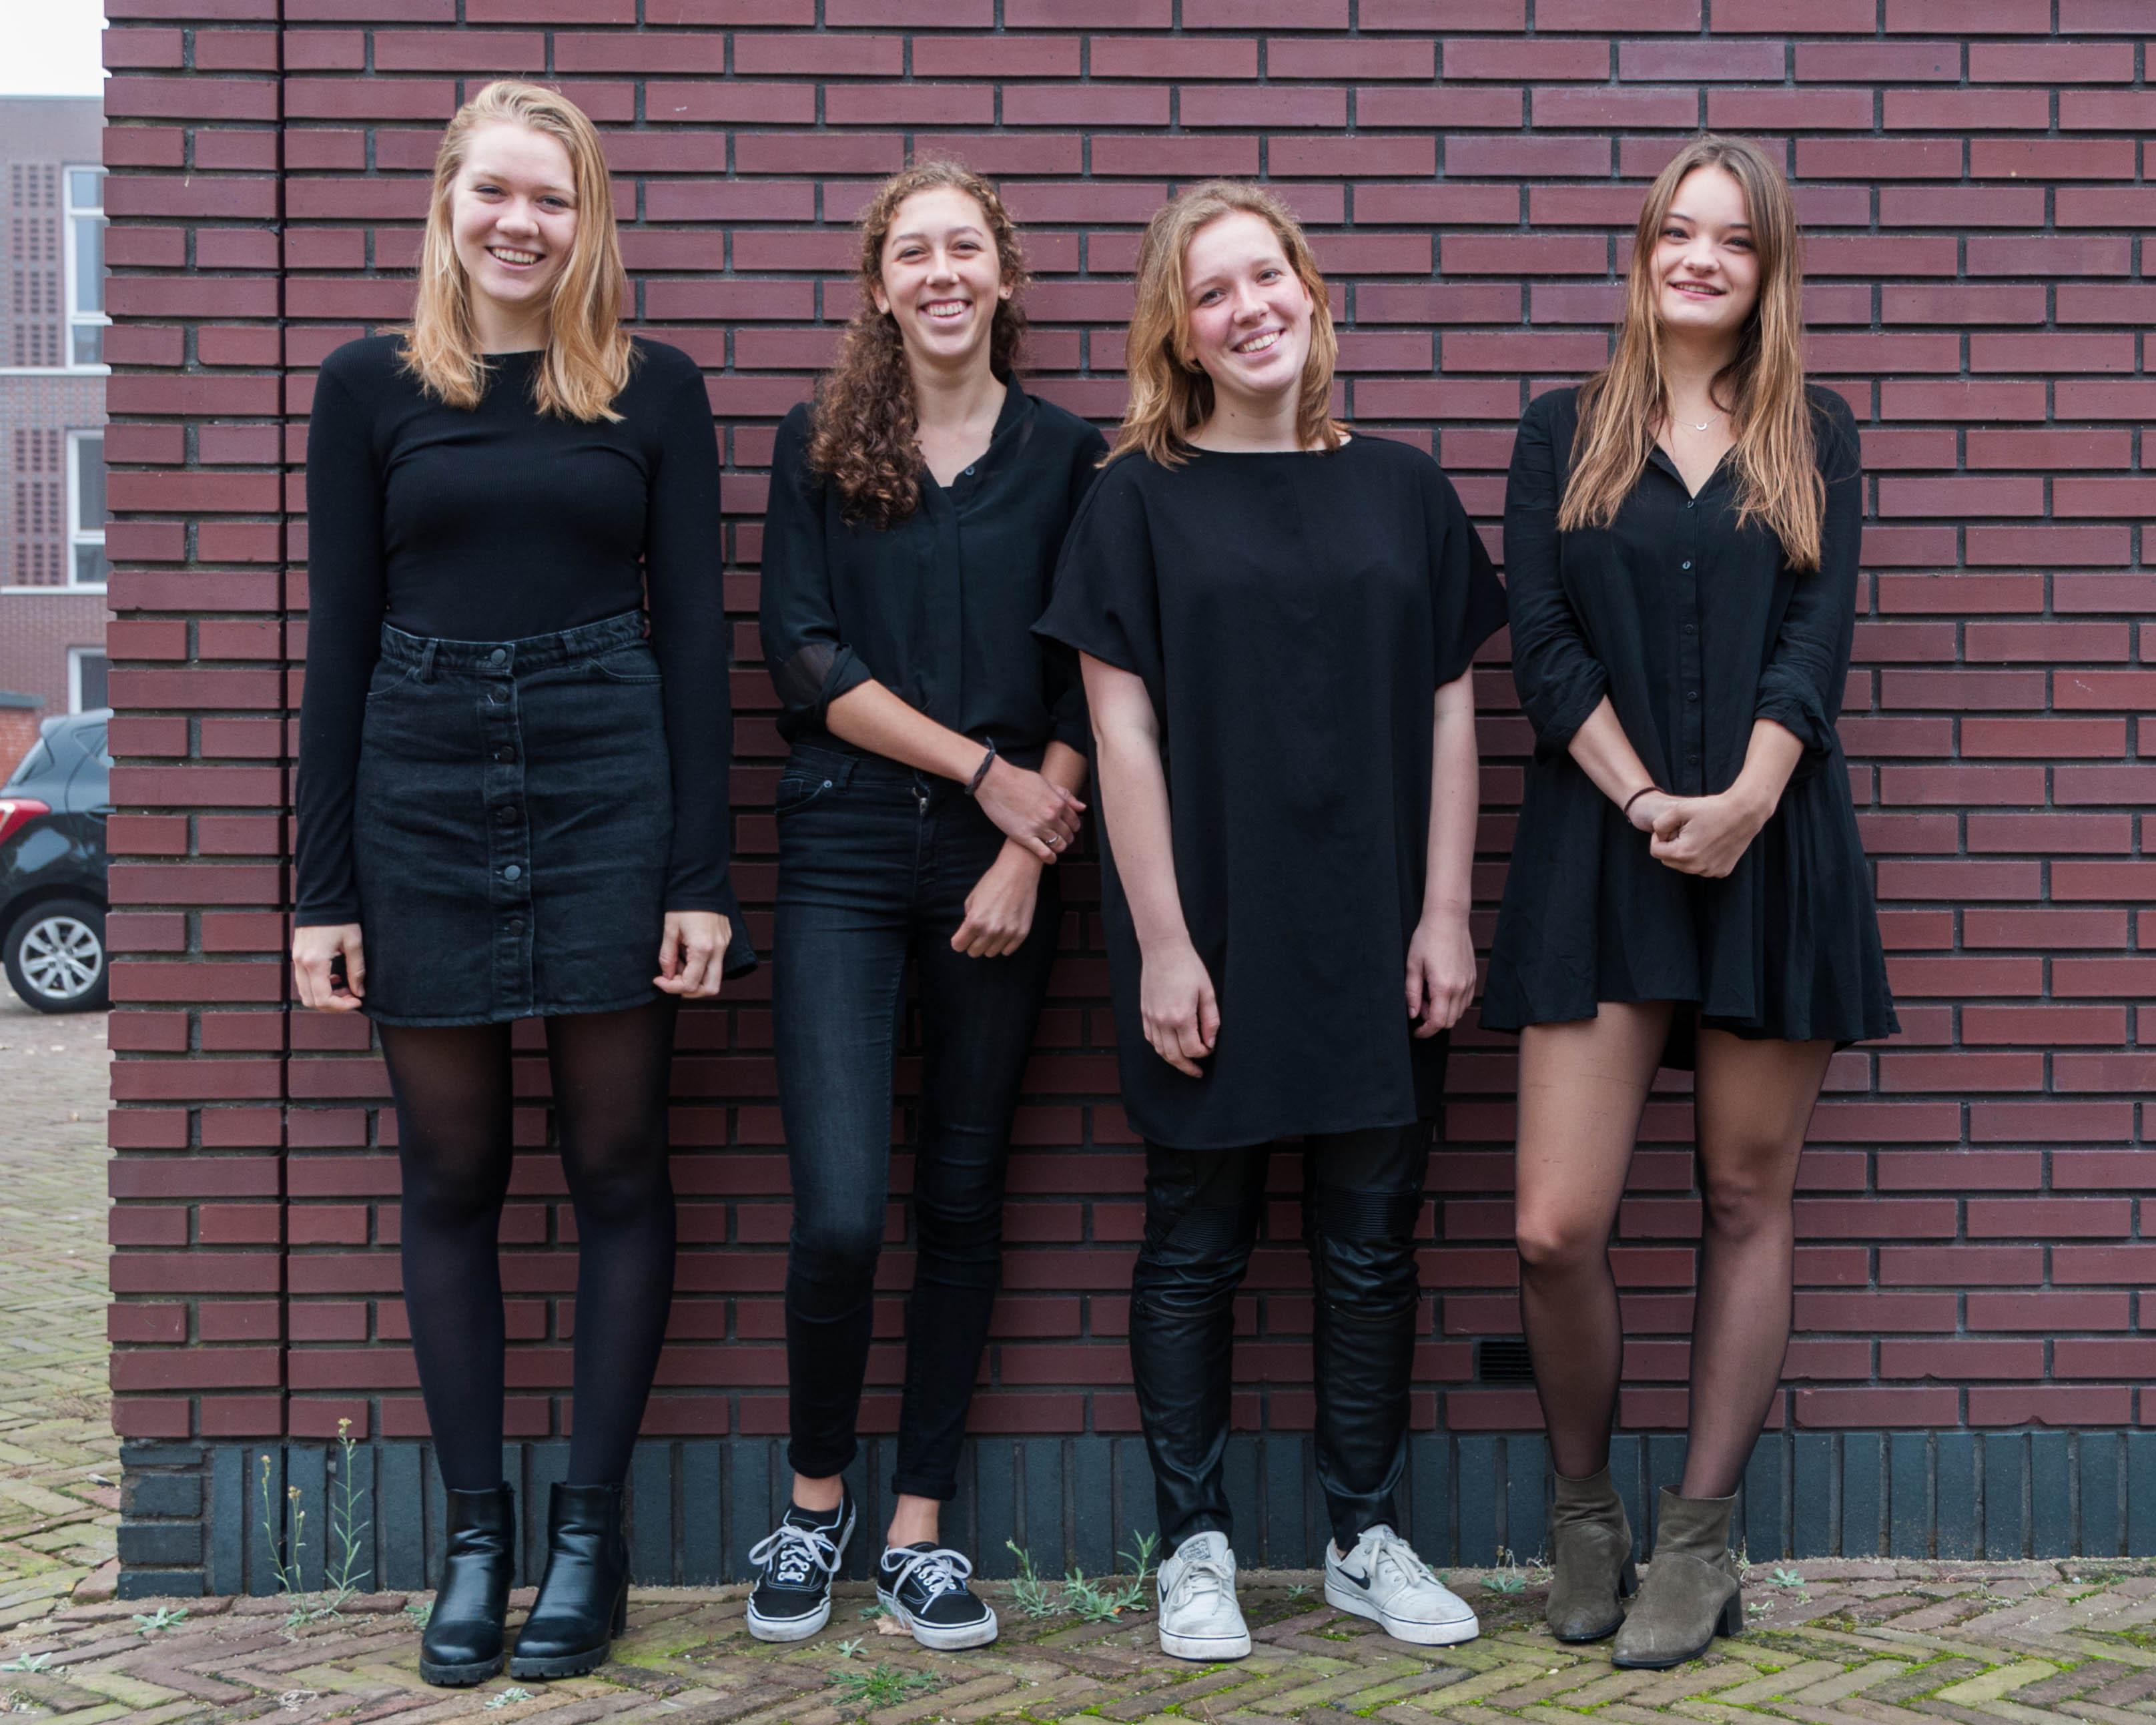 v.l.n.r. Lotte, Mara, Fiepke en Annemijn